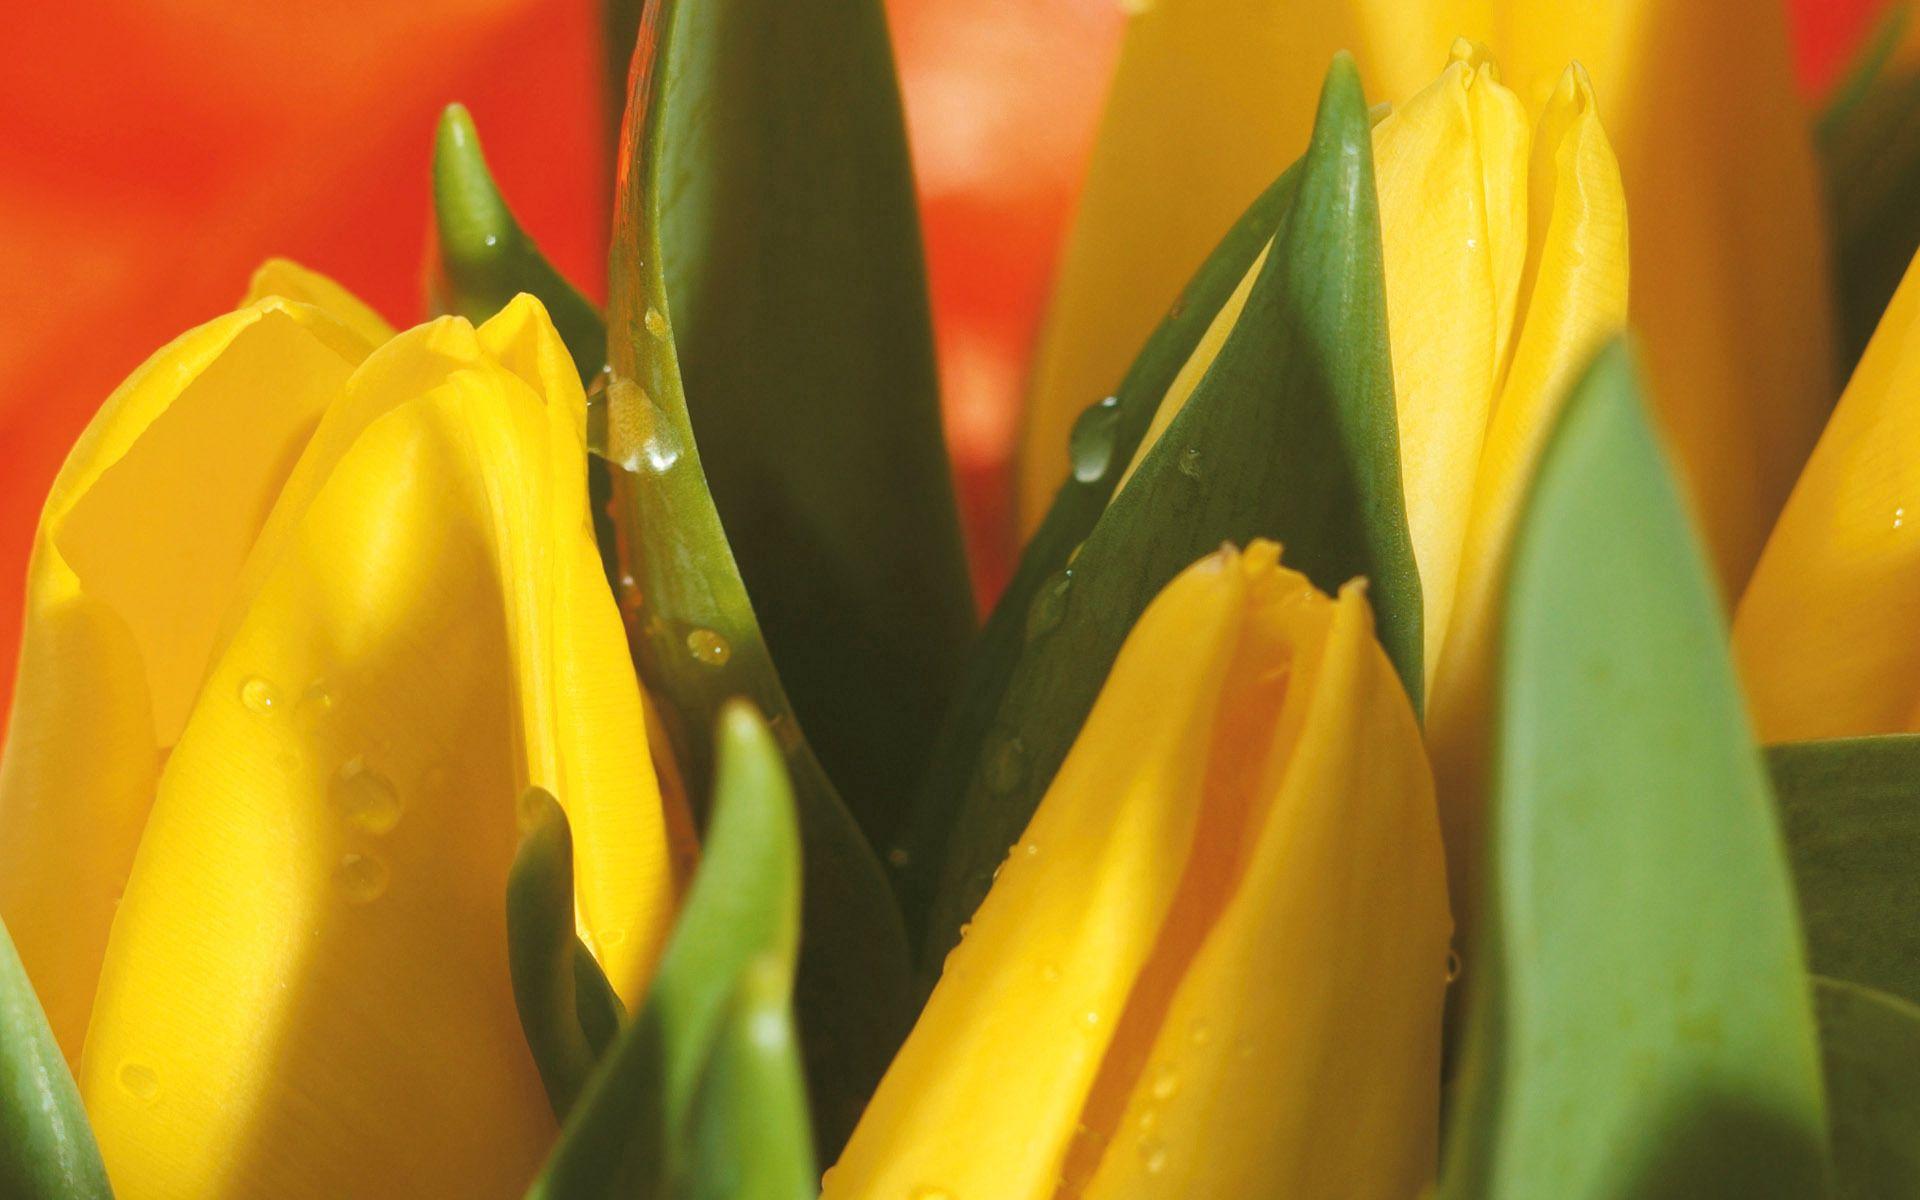 133145 скачать обои Макро, Листья, Букет, Капли, Цветы, Тюльпаны - заставки и картинки бесплатно